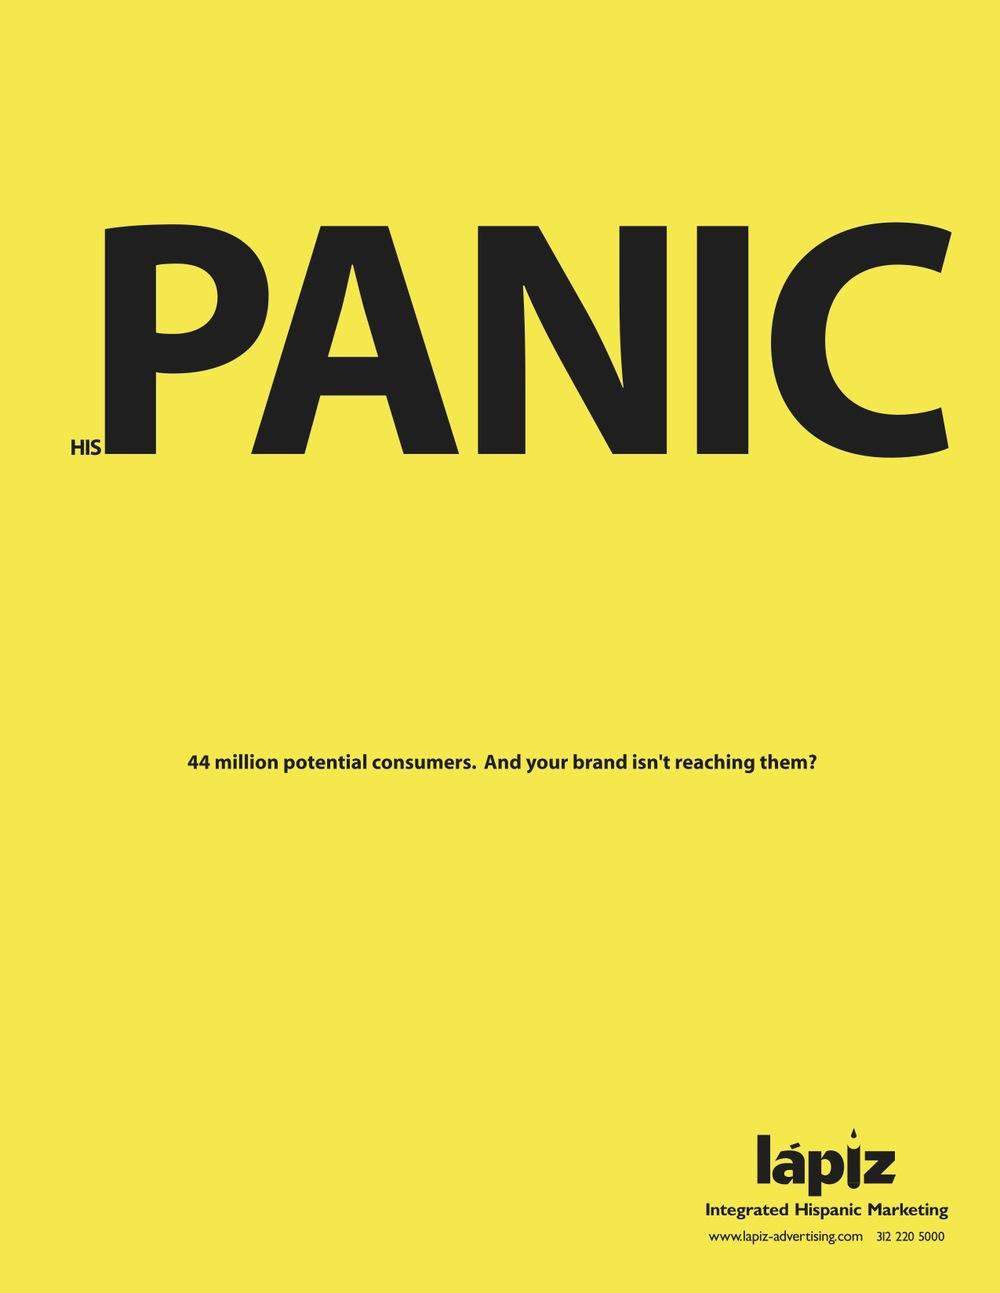 His Panic    Lapiz   Creative Team: Eduardo Tua